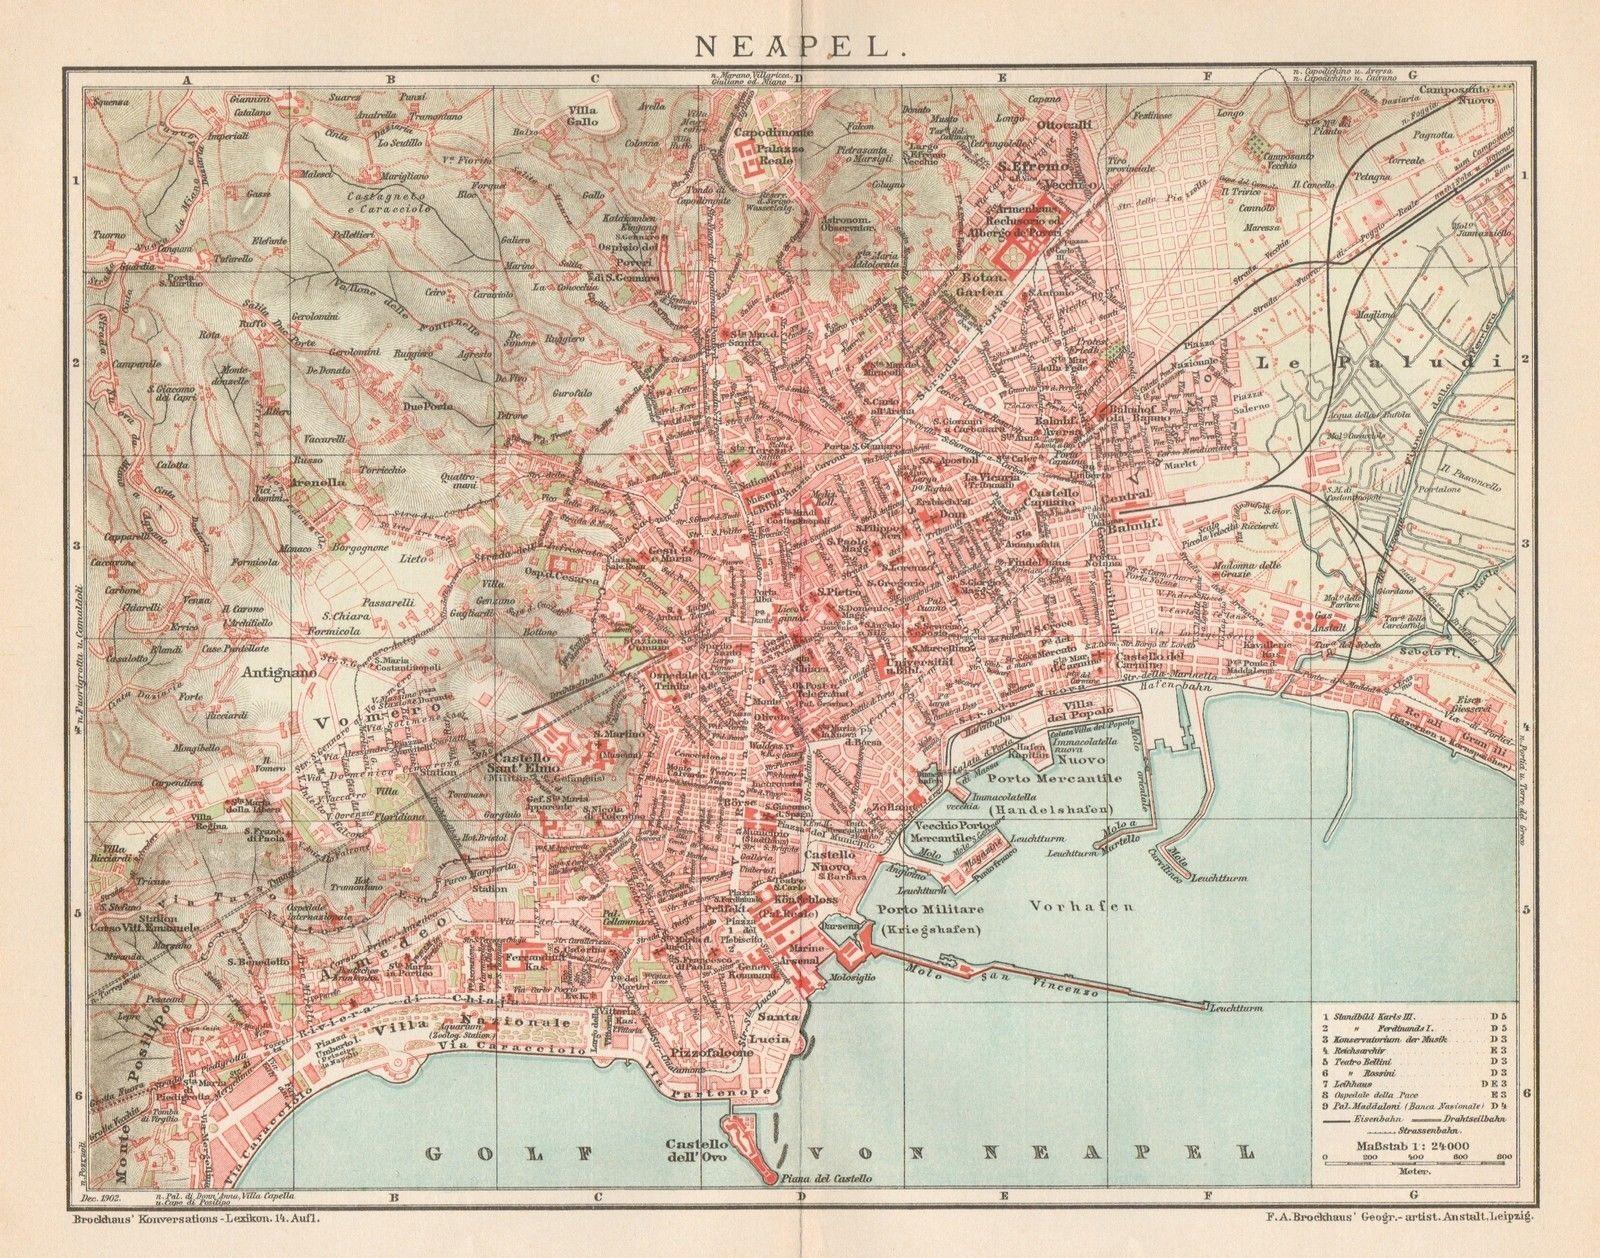 Cartina Stradale Di Napoli Citta.B6306 Napoli Pianta Della Citta Carta Geografica Antica Del 1903 Old Map Ebay Carte Geografiche Geografia Carta